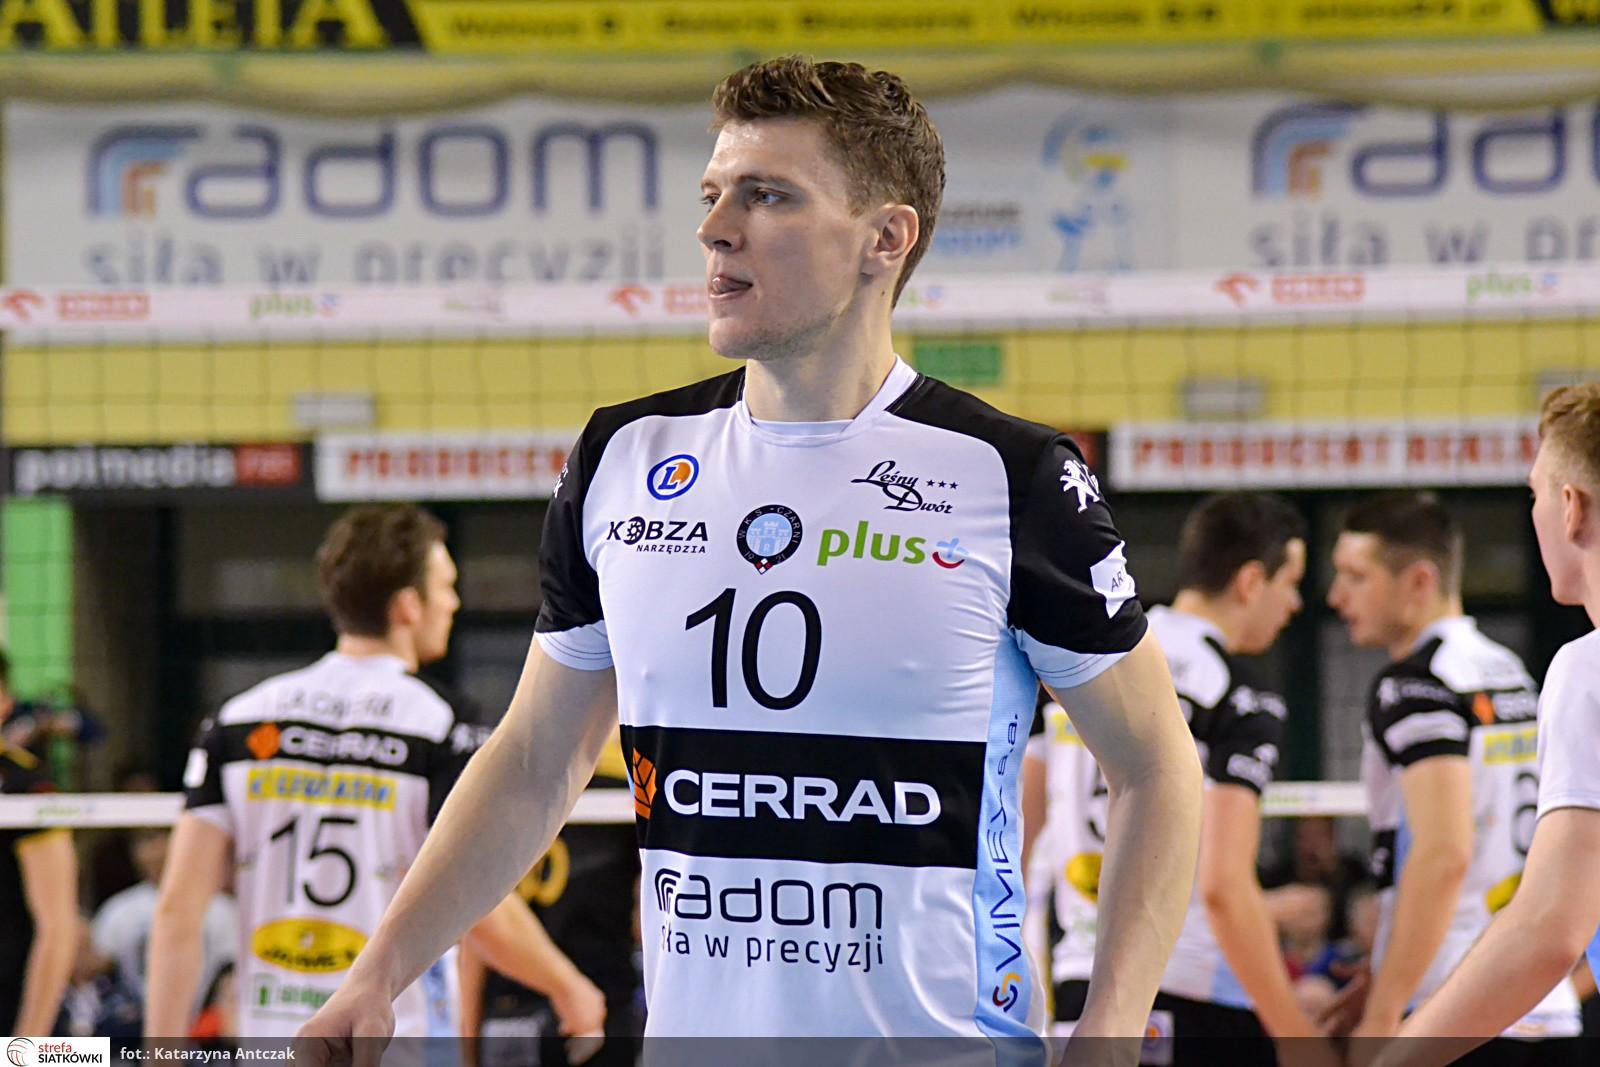 Lukas Kampa